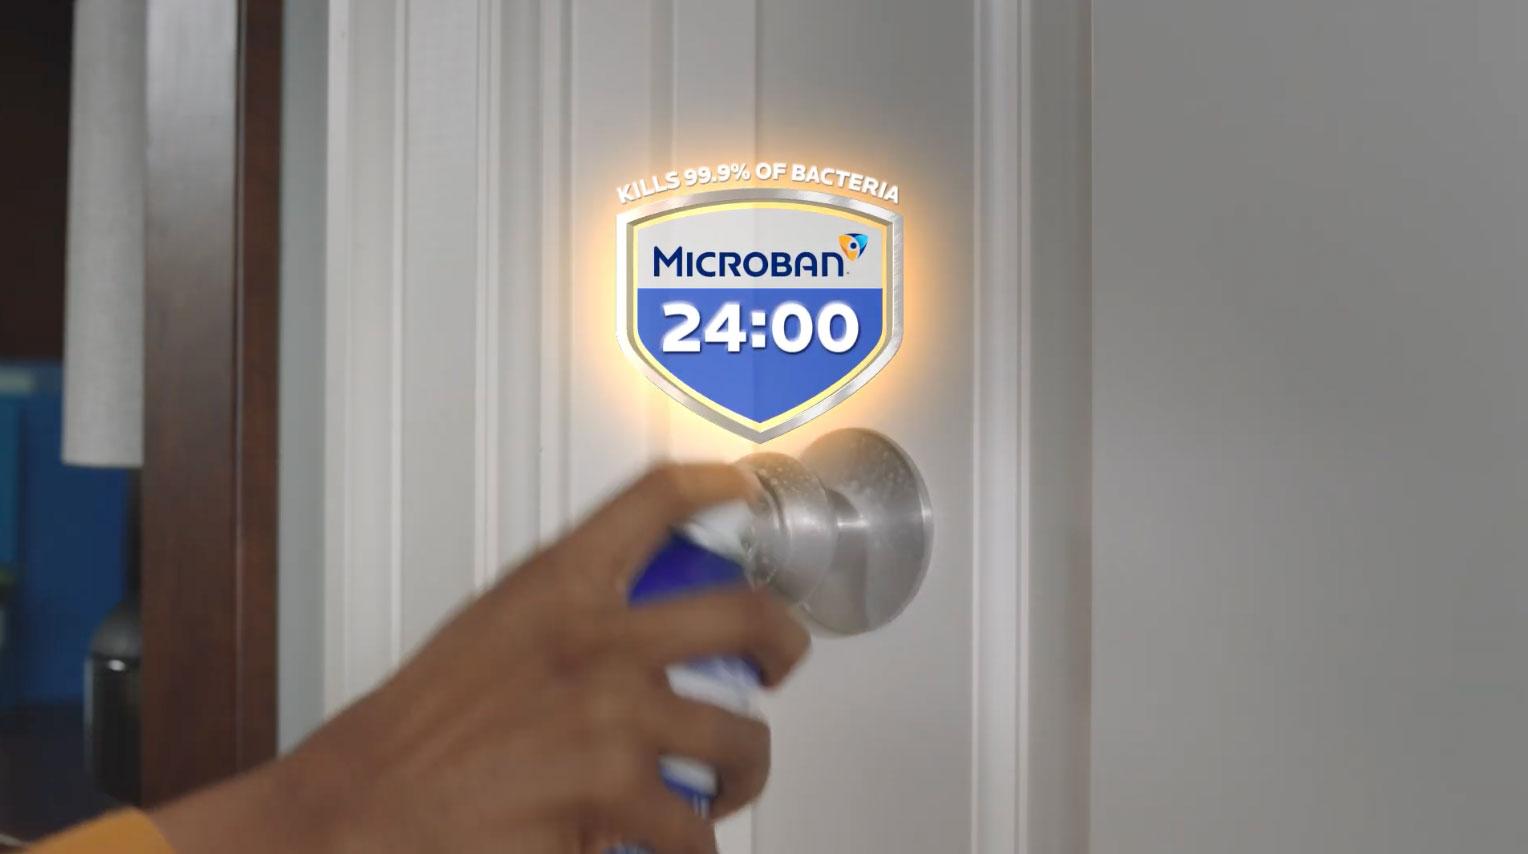 Microban 24 - Keep killing bacteria for 24 hours (2021) :15 (USA)